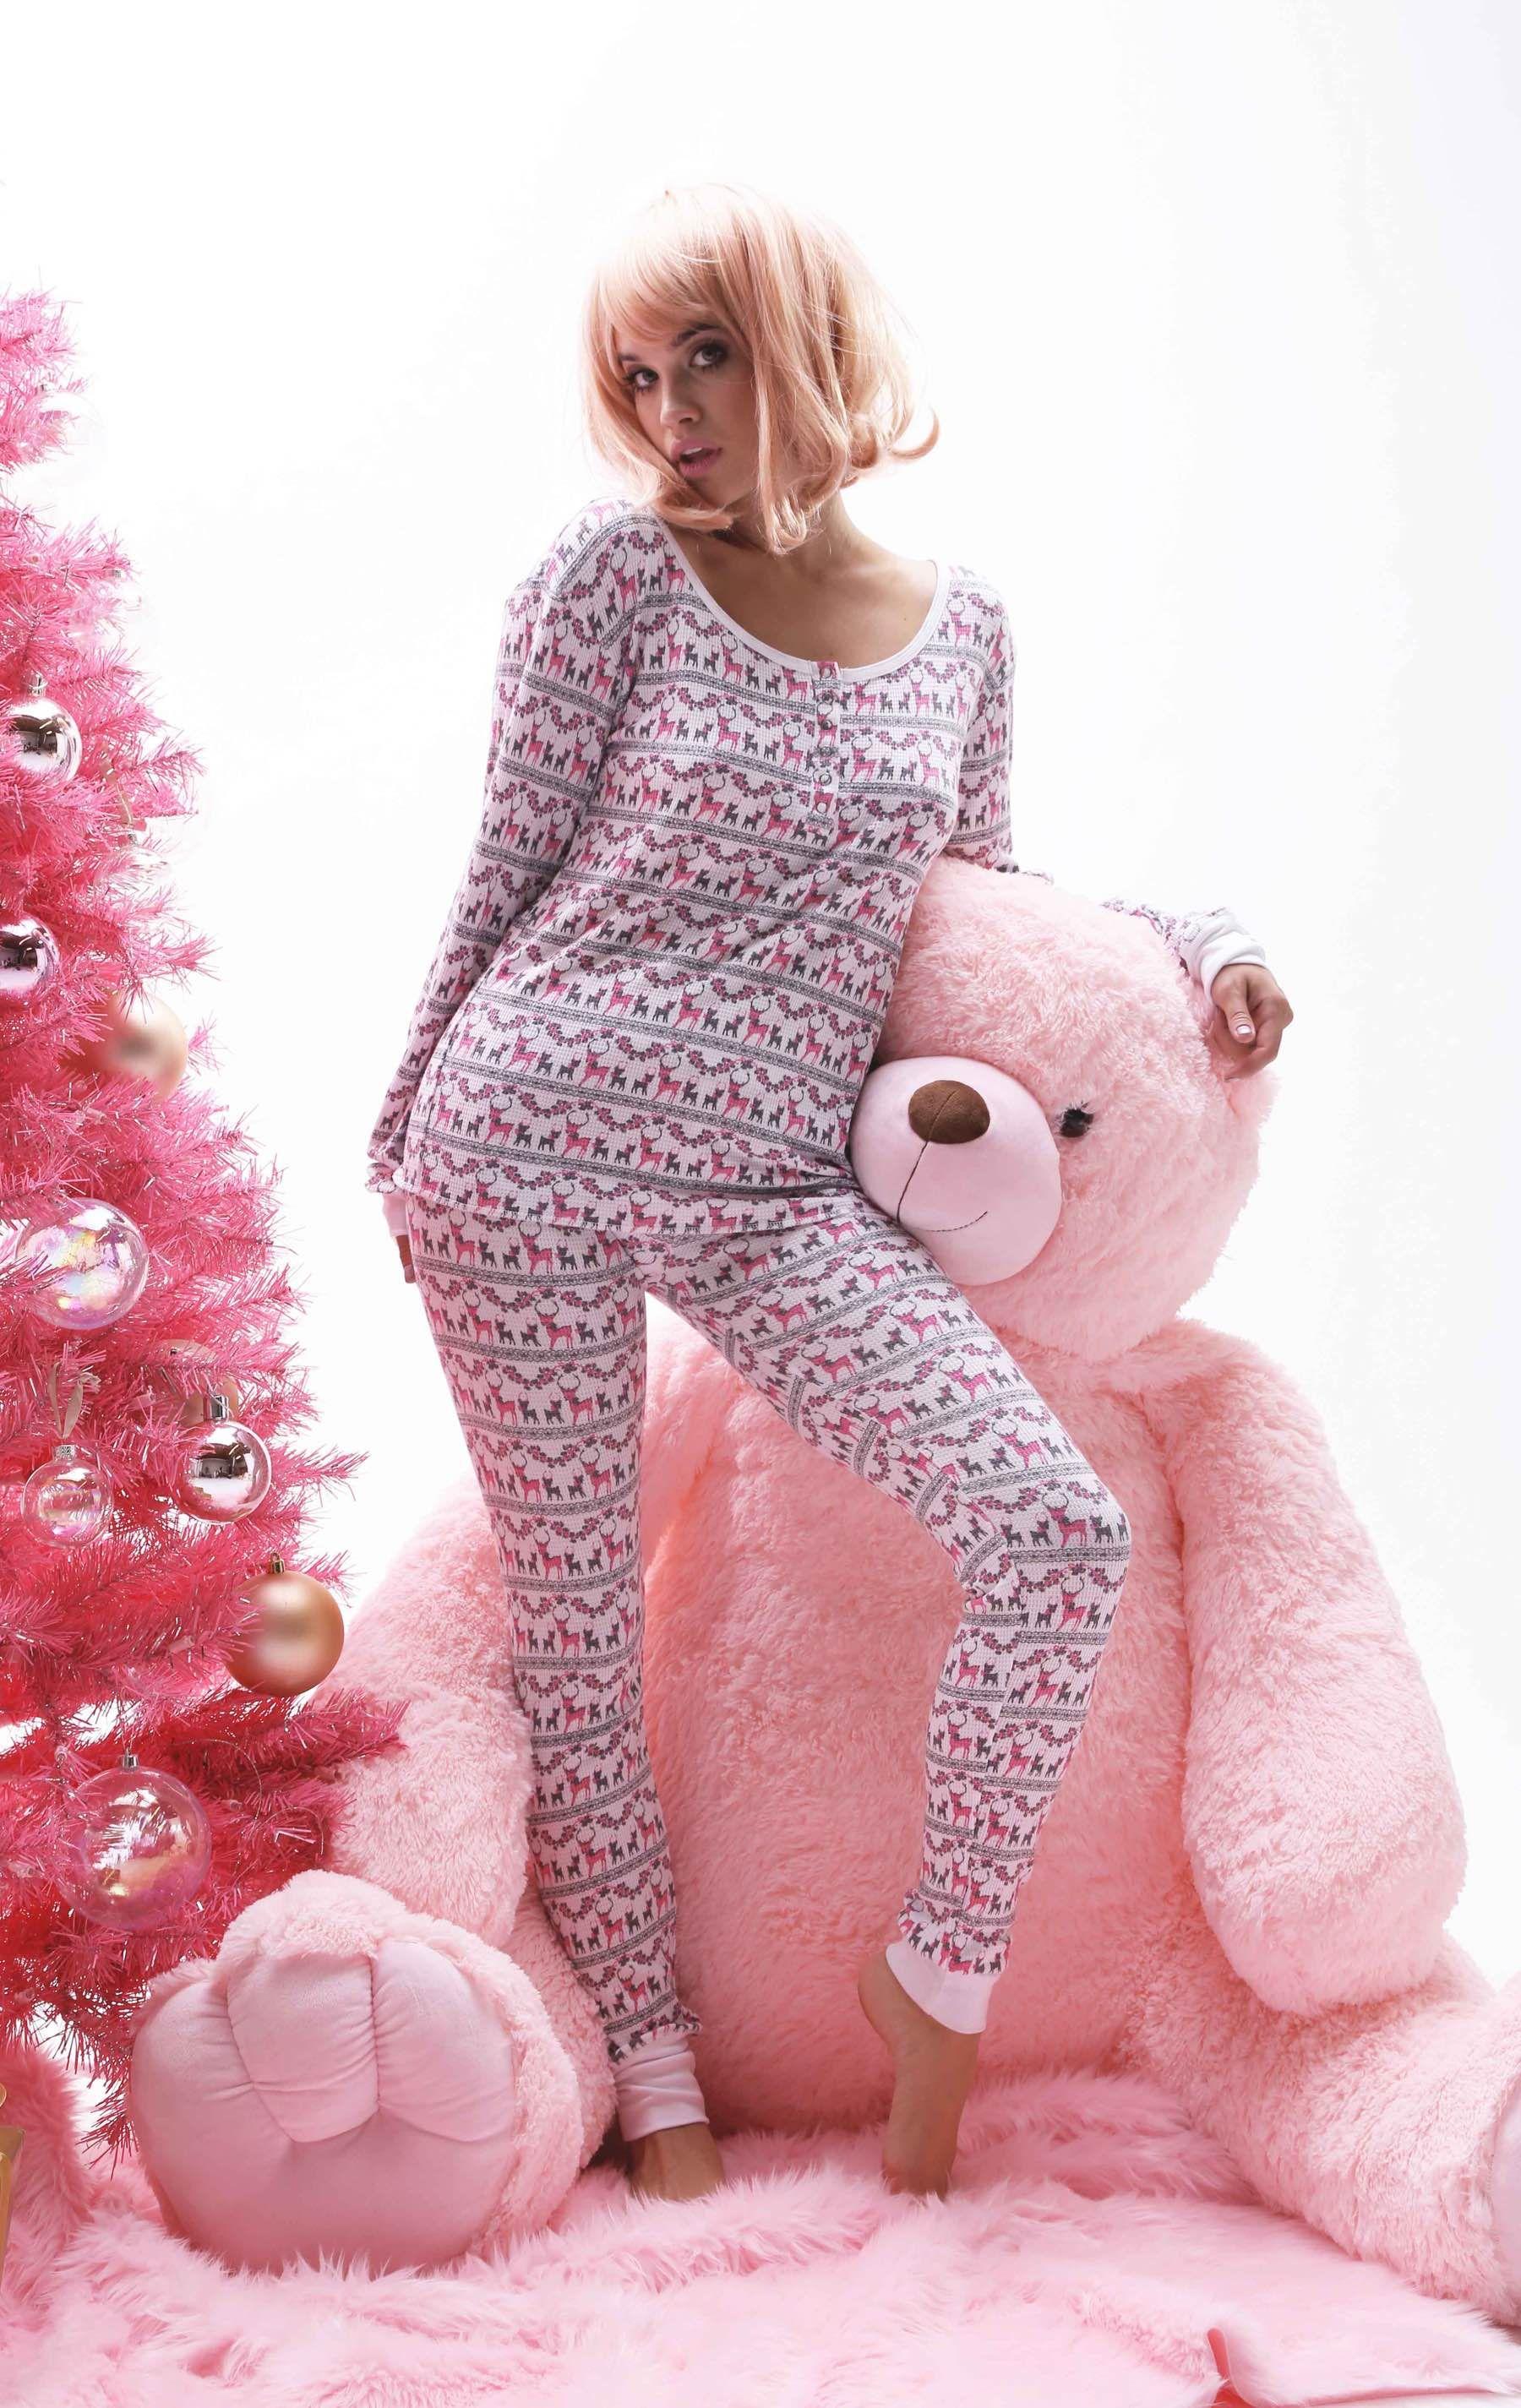 Wildfox Christmas Pajamas.Wildfox Pink Christmas Intimates Pink Christmas Ski